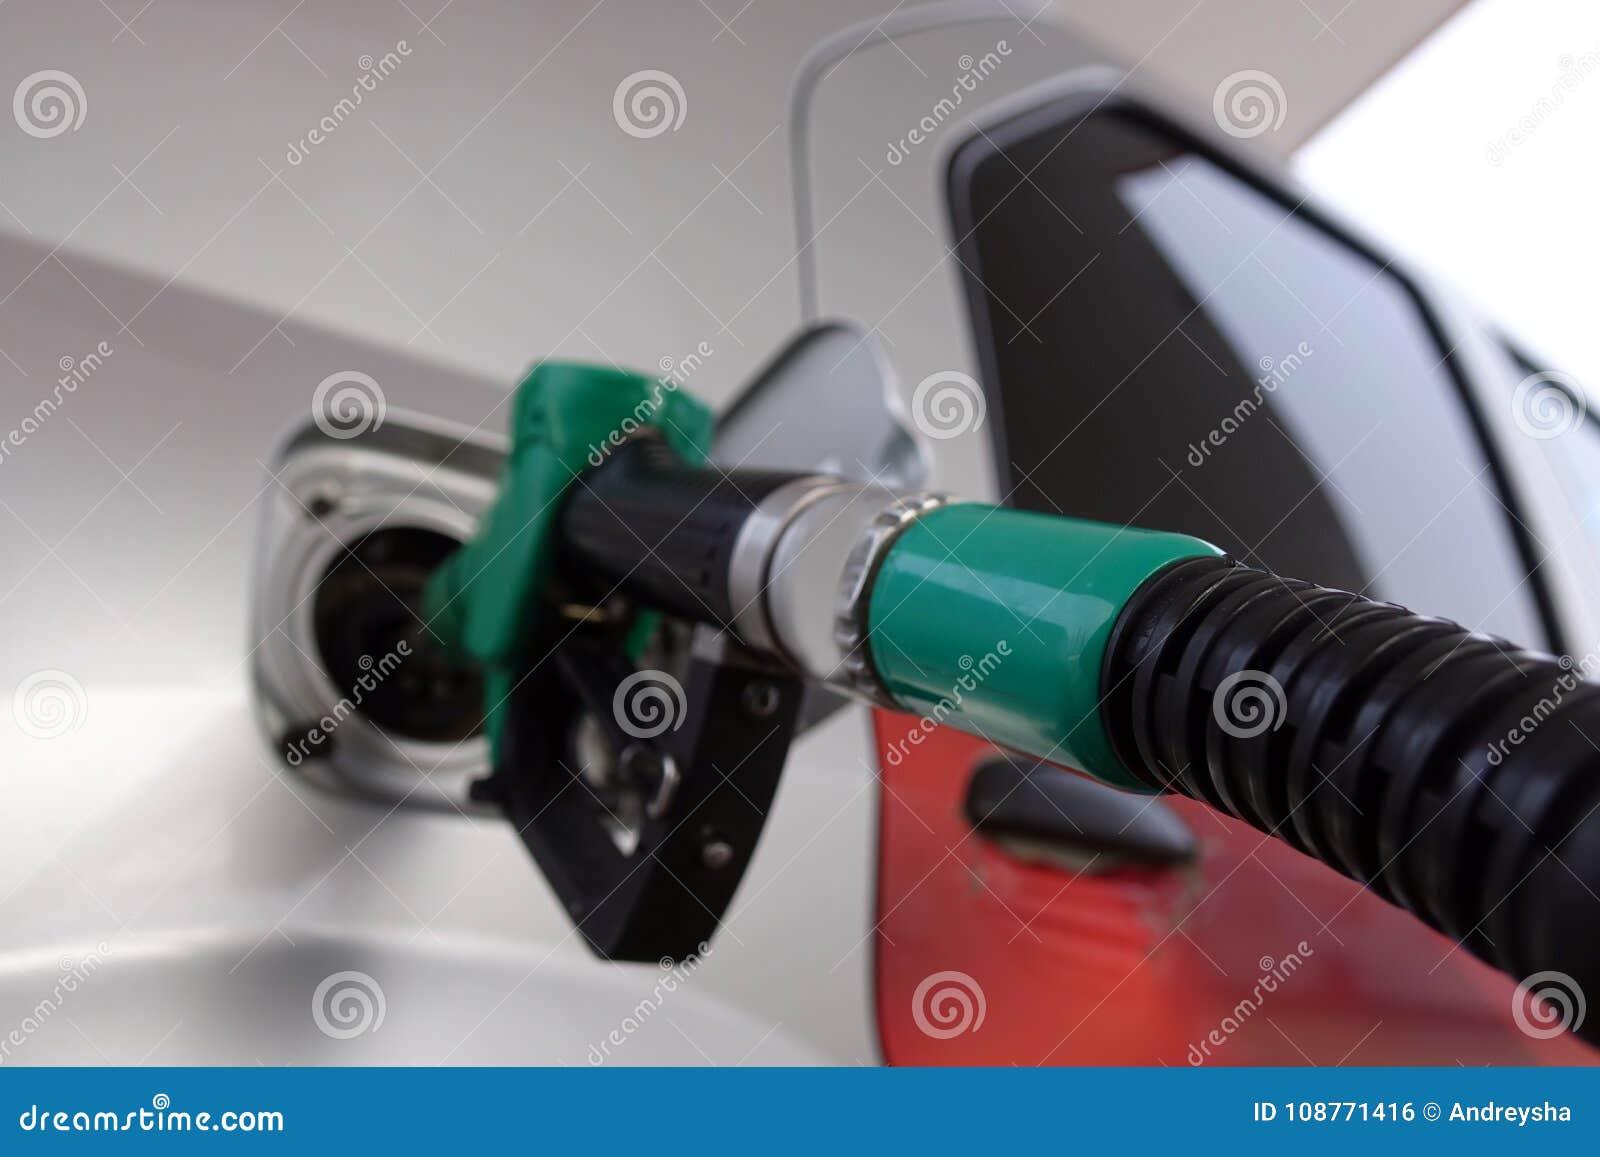 Om de auto met brandstof te vullen